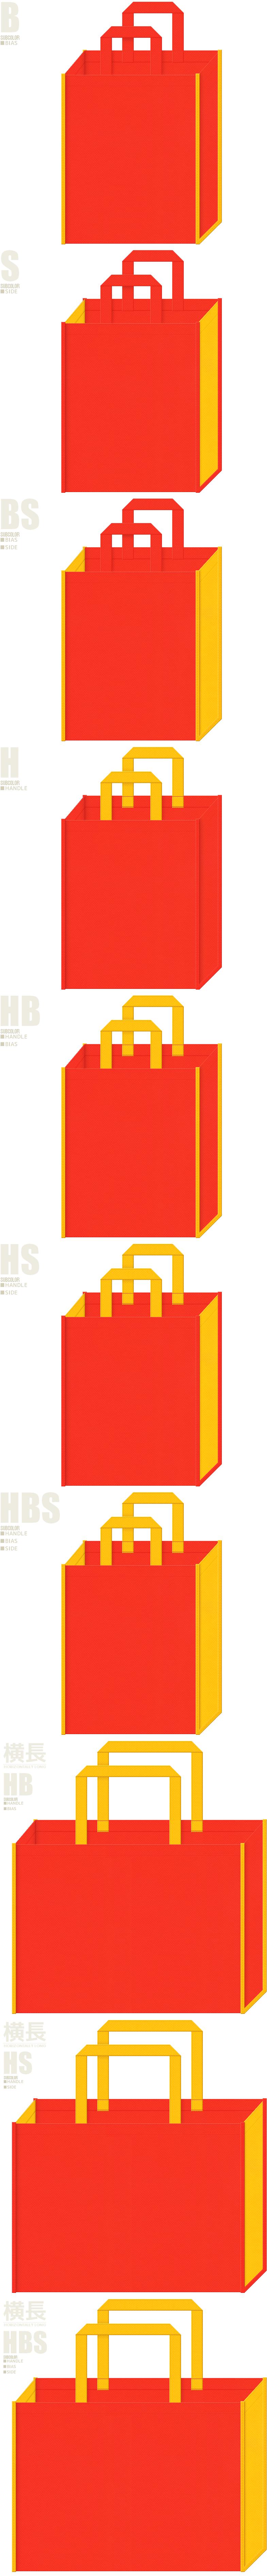 キッズイベント・テーマパーク・おもちゃ・柑橘類・ビタミン・調味料・サラダ油・エネルギー・サプリメント・キッチン・フライヤー・ランチバッグにお奨めの不織布バッグデザイン:オレンジ色と黄色の配色7パターン